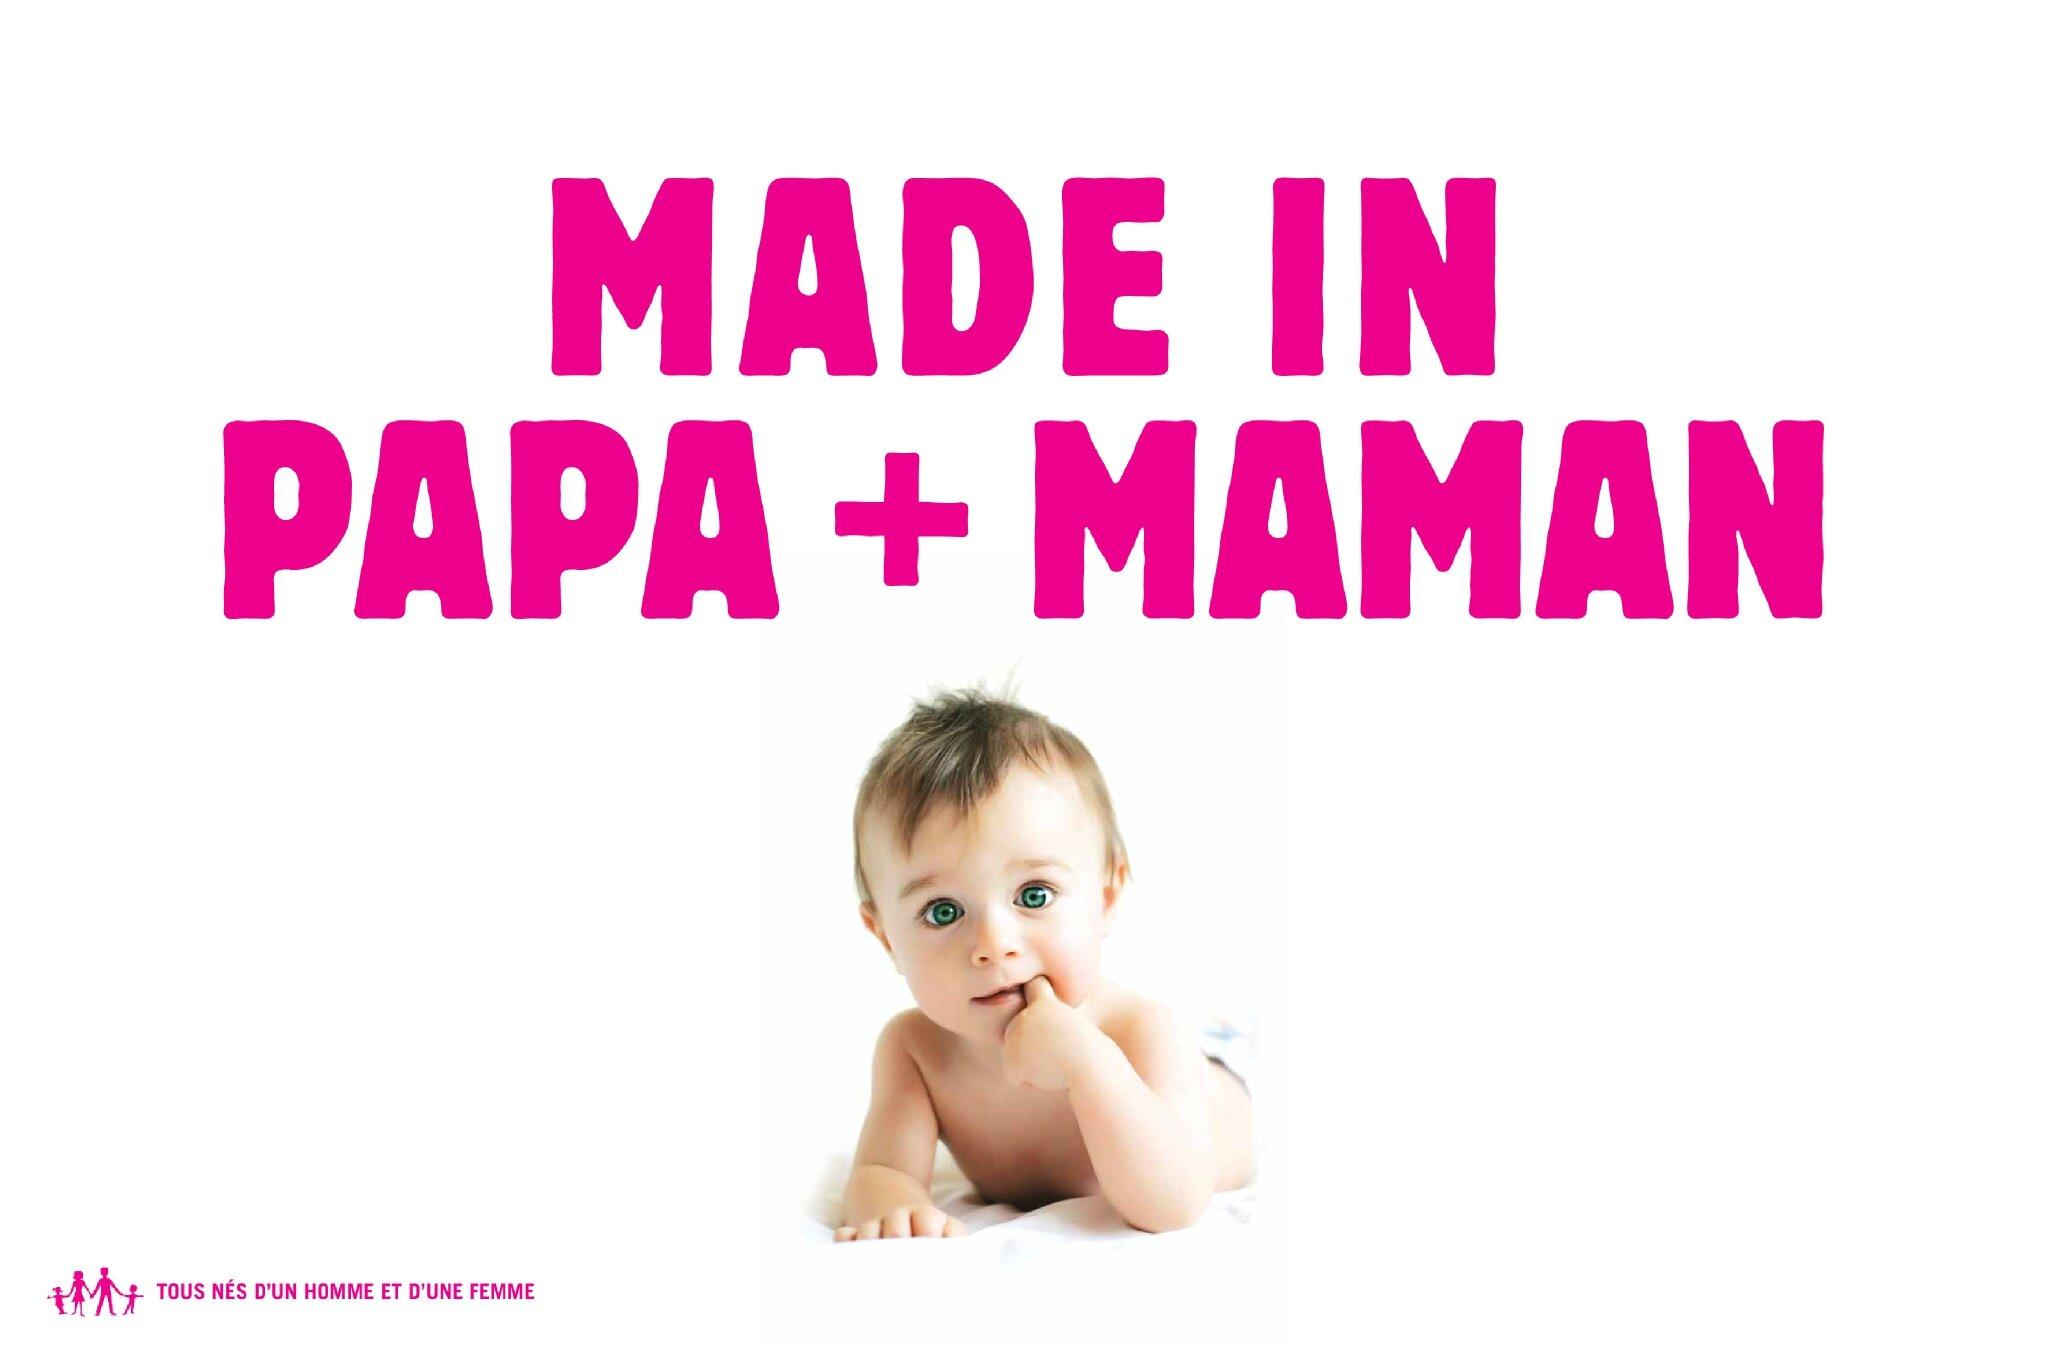 Made in Papa + Maman